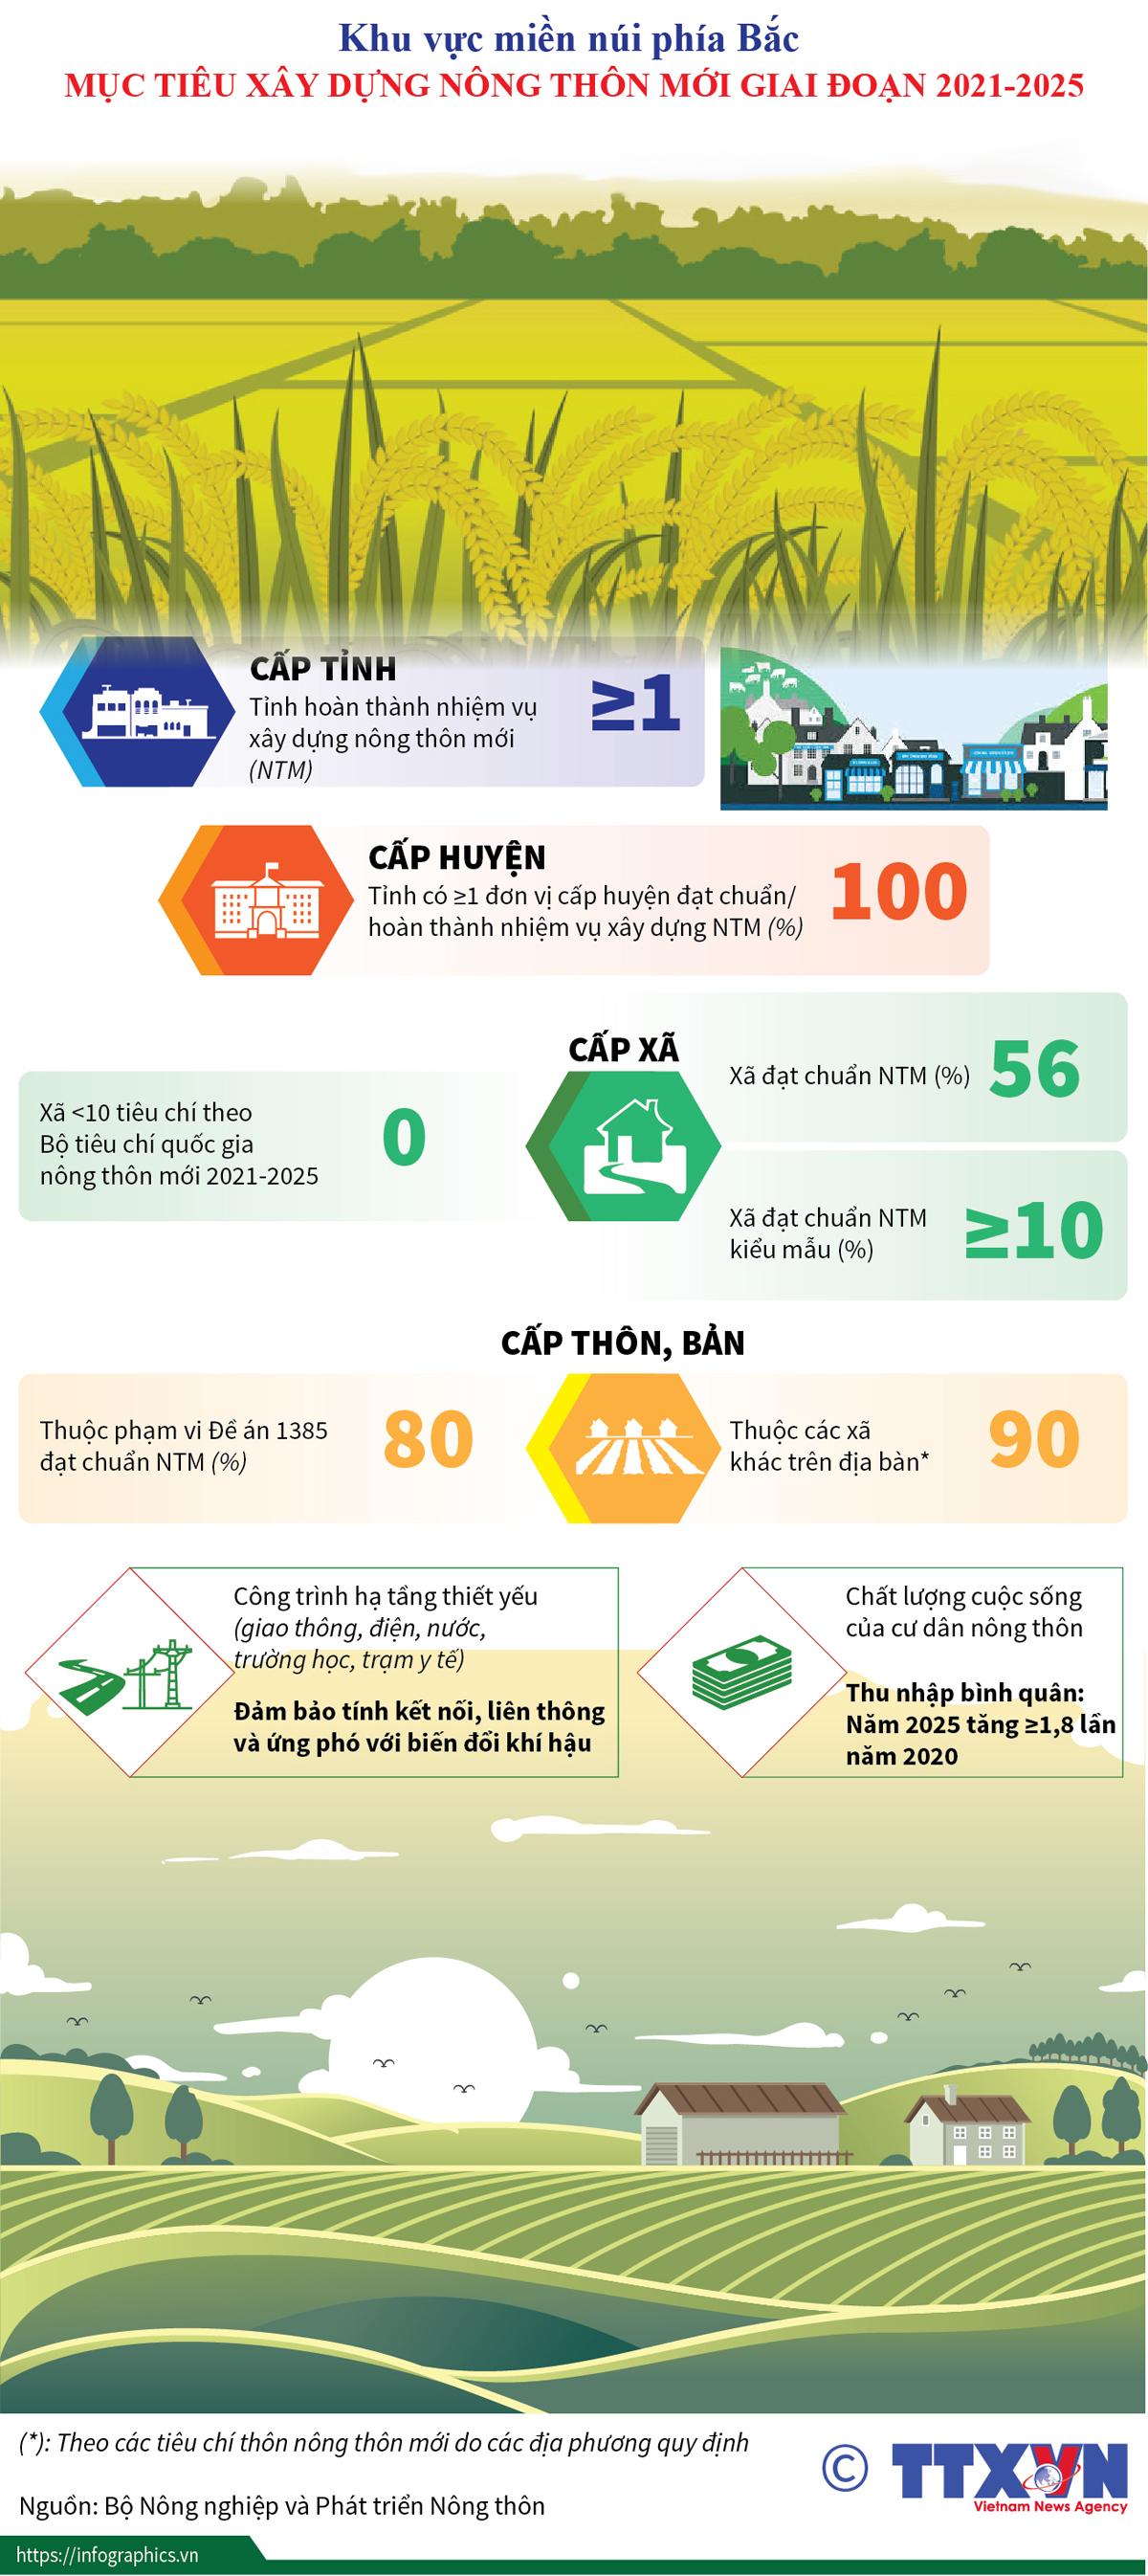 khu vực miền núi phía bắc, mục tiêu, xây dựng nông thôn mới, giai đoạn 2021-2025